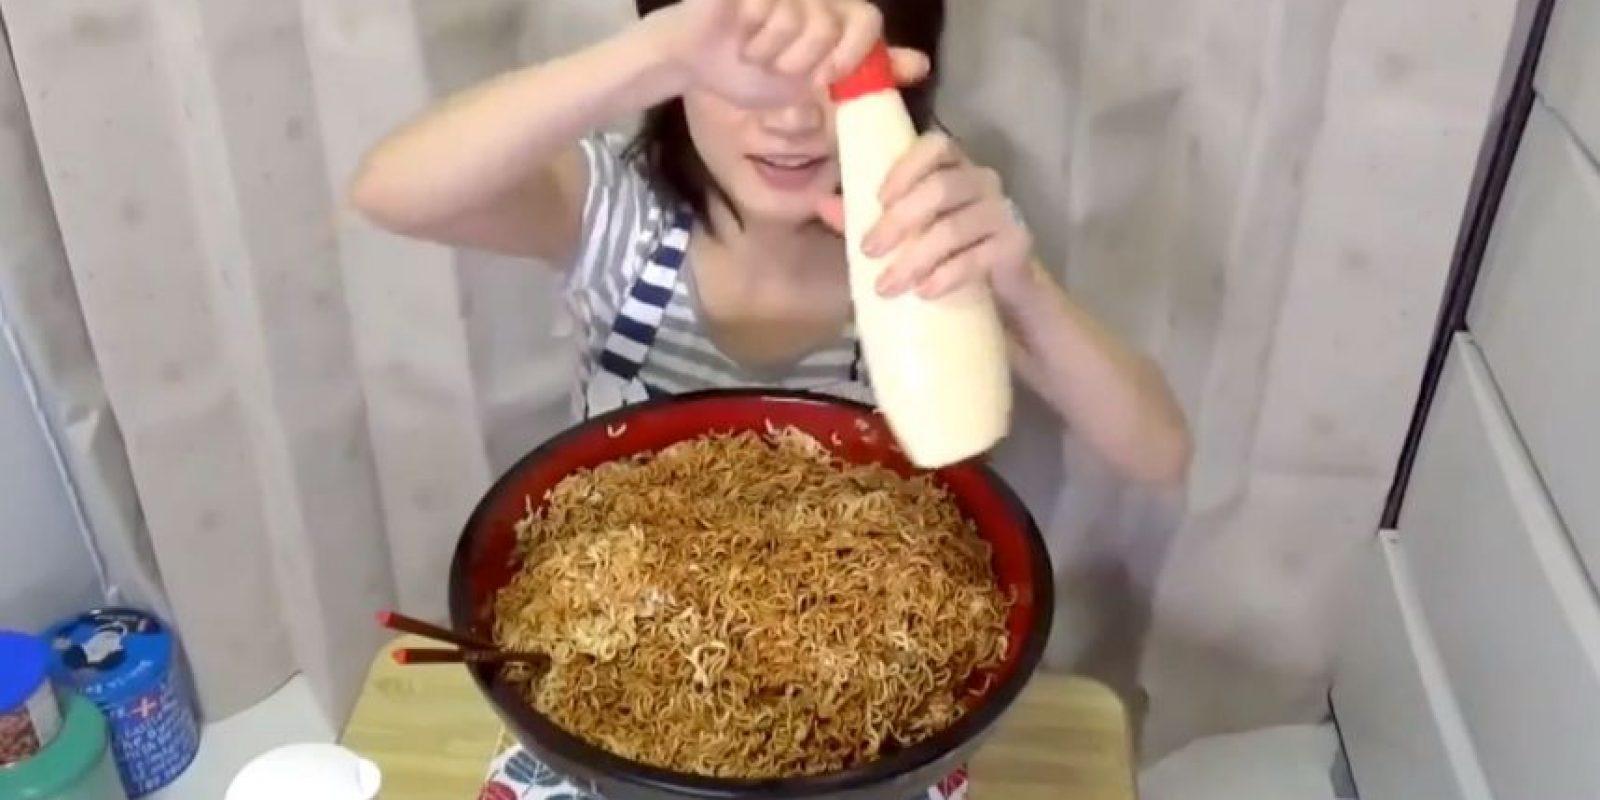 En su nuevo video, que se hizo viral, devora por completo 4 kilos de pasta. Foto:vía Youtube/Yuka Kinoshita